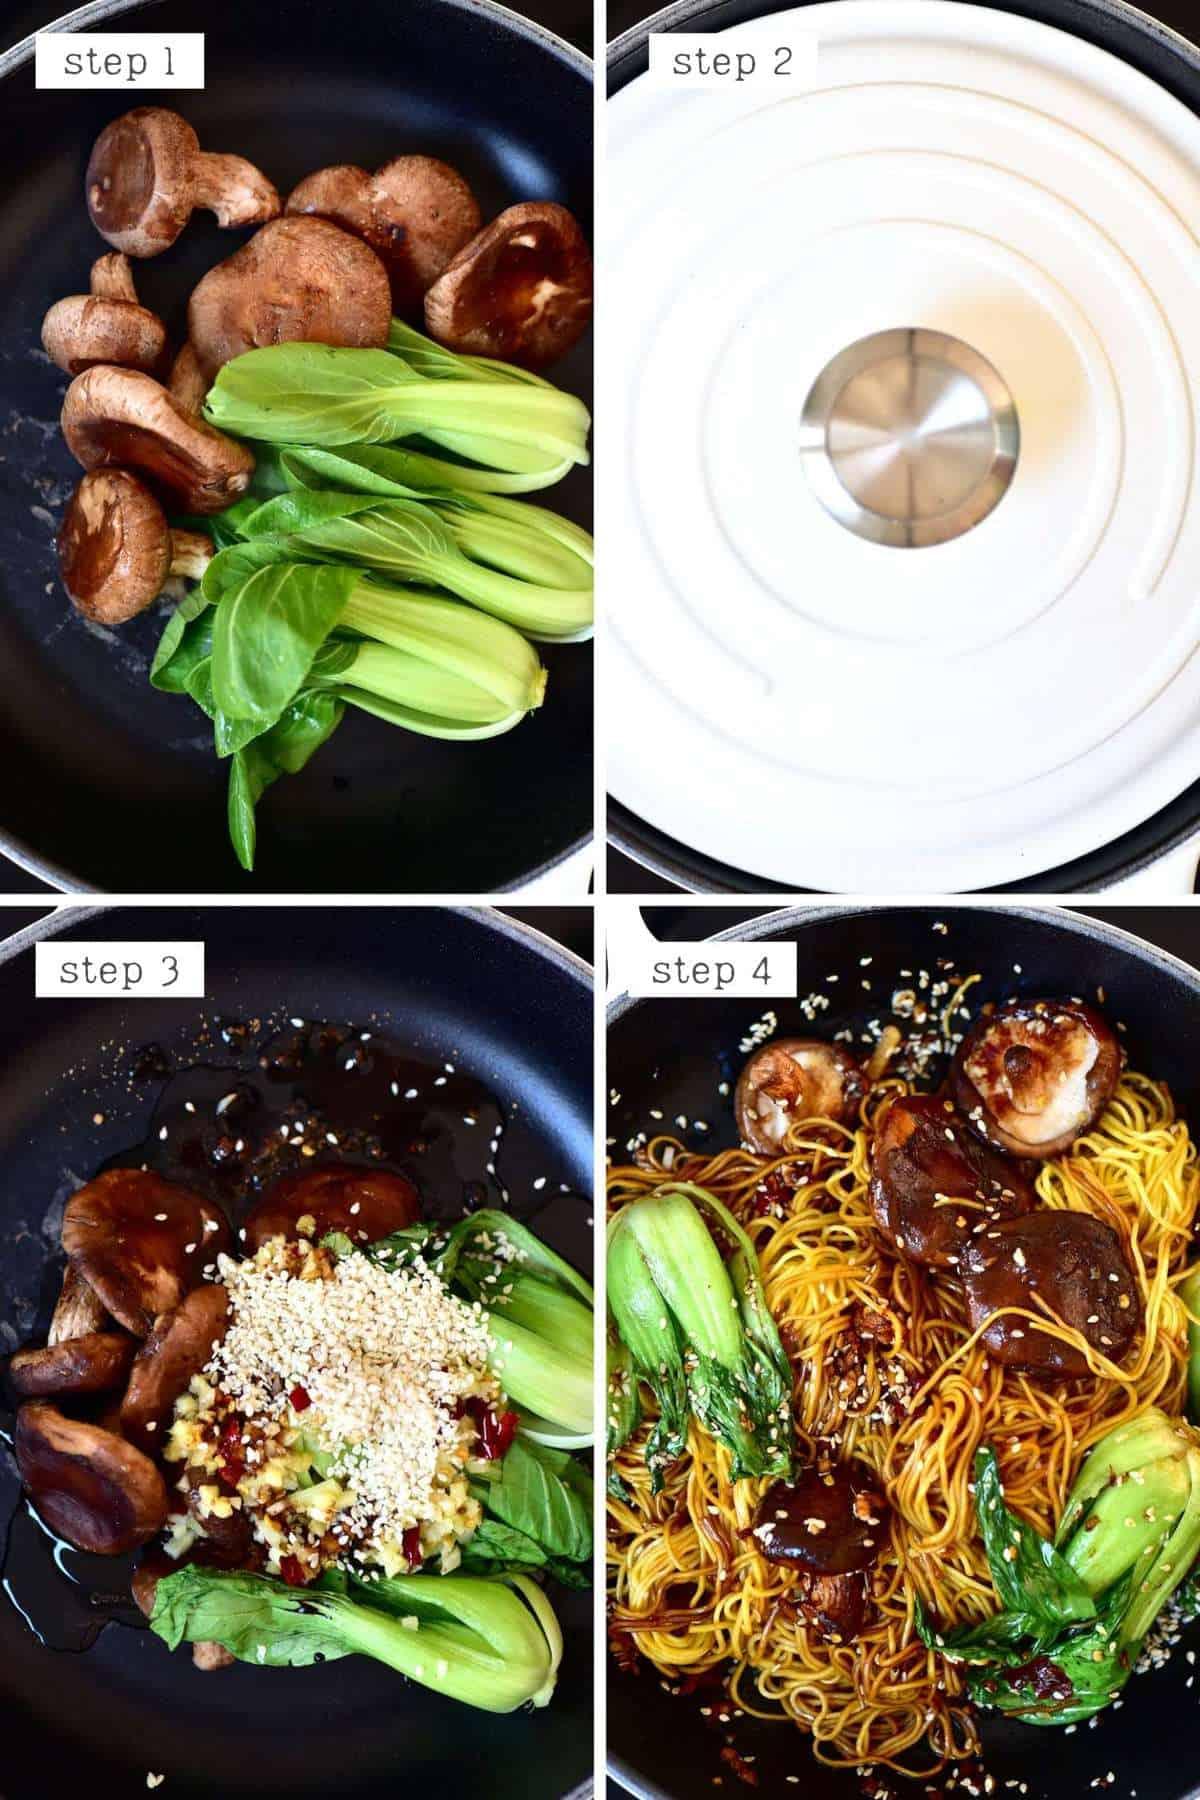 Steps for cooking dan dan noodles